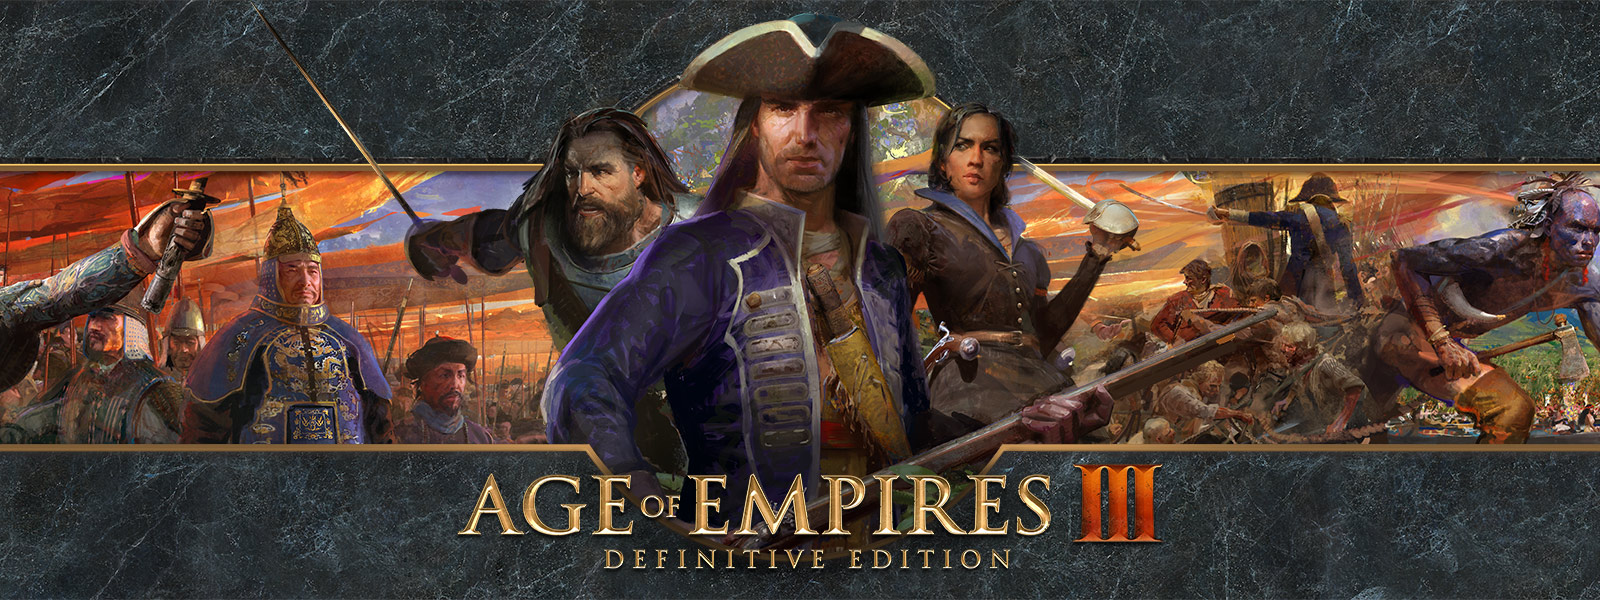 Age of Empires III: Definitive Edition – logo z tłem przedstawiającym przywódców wojennych i ich armie